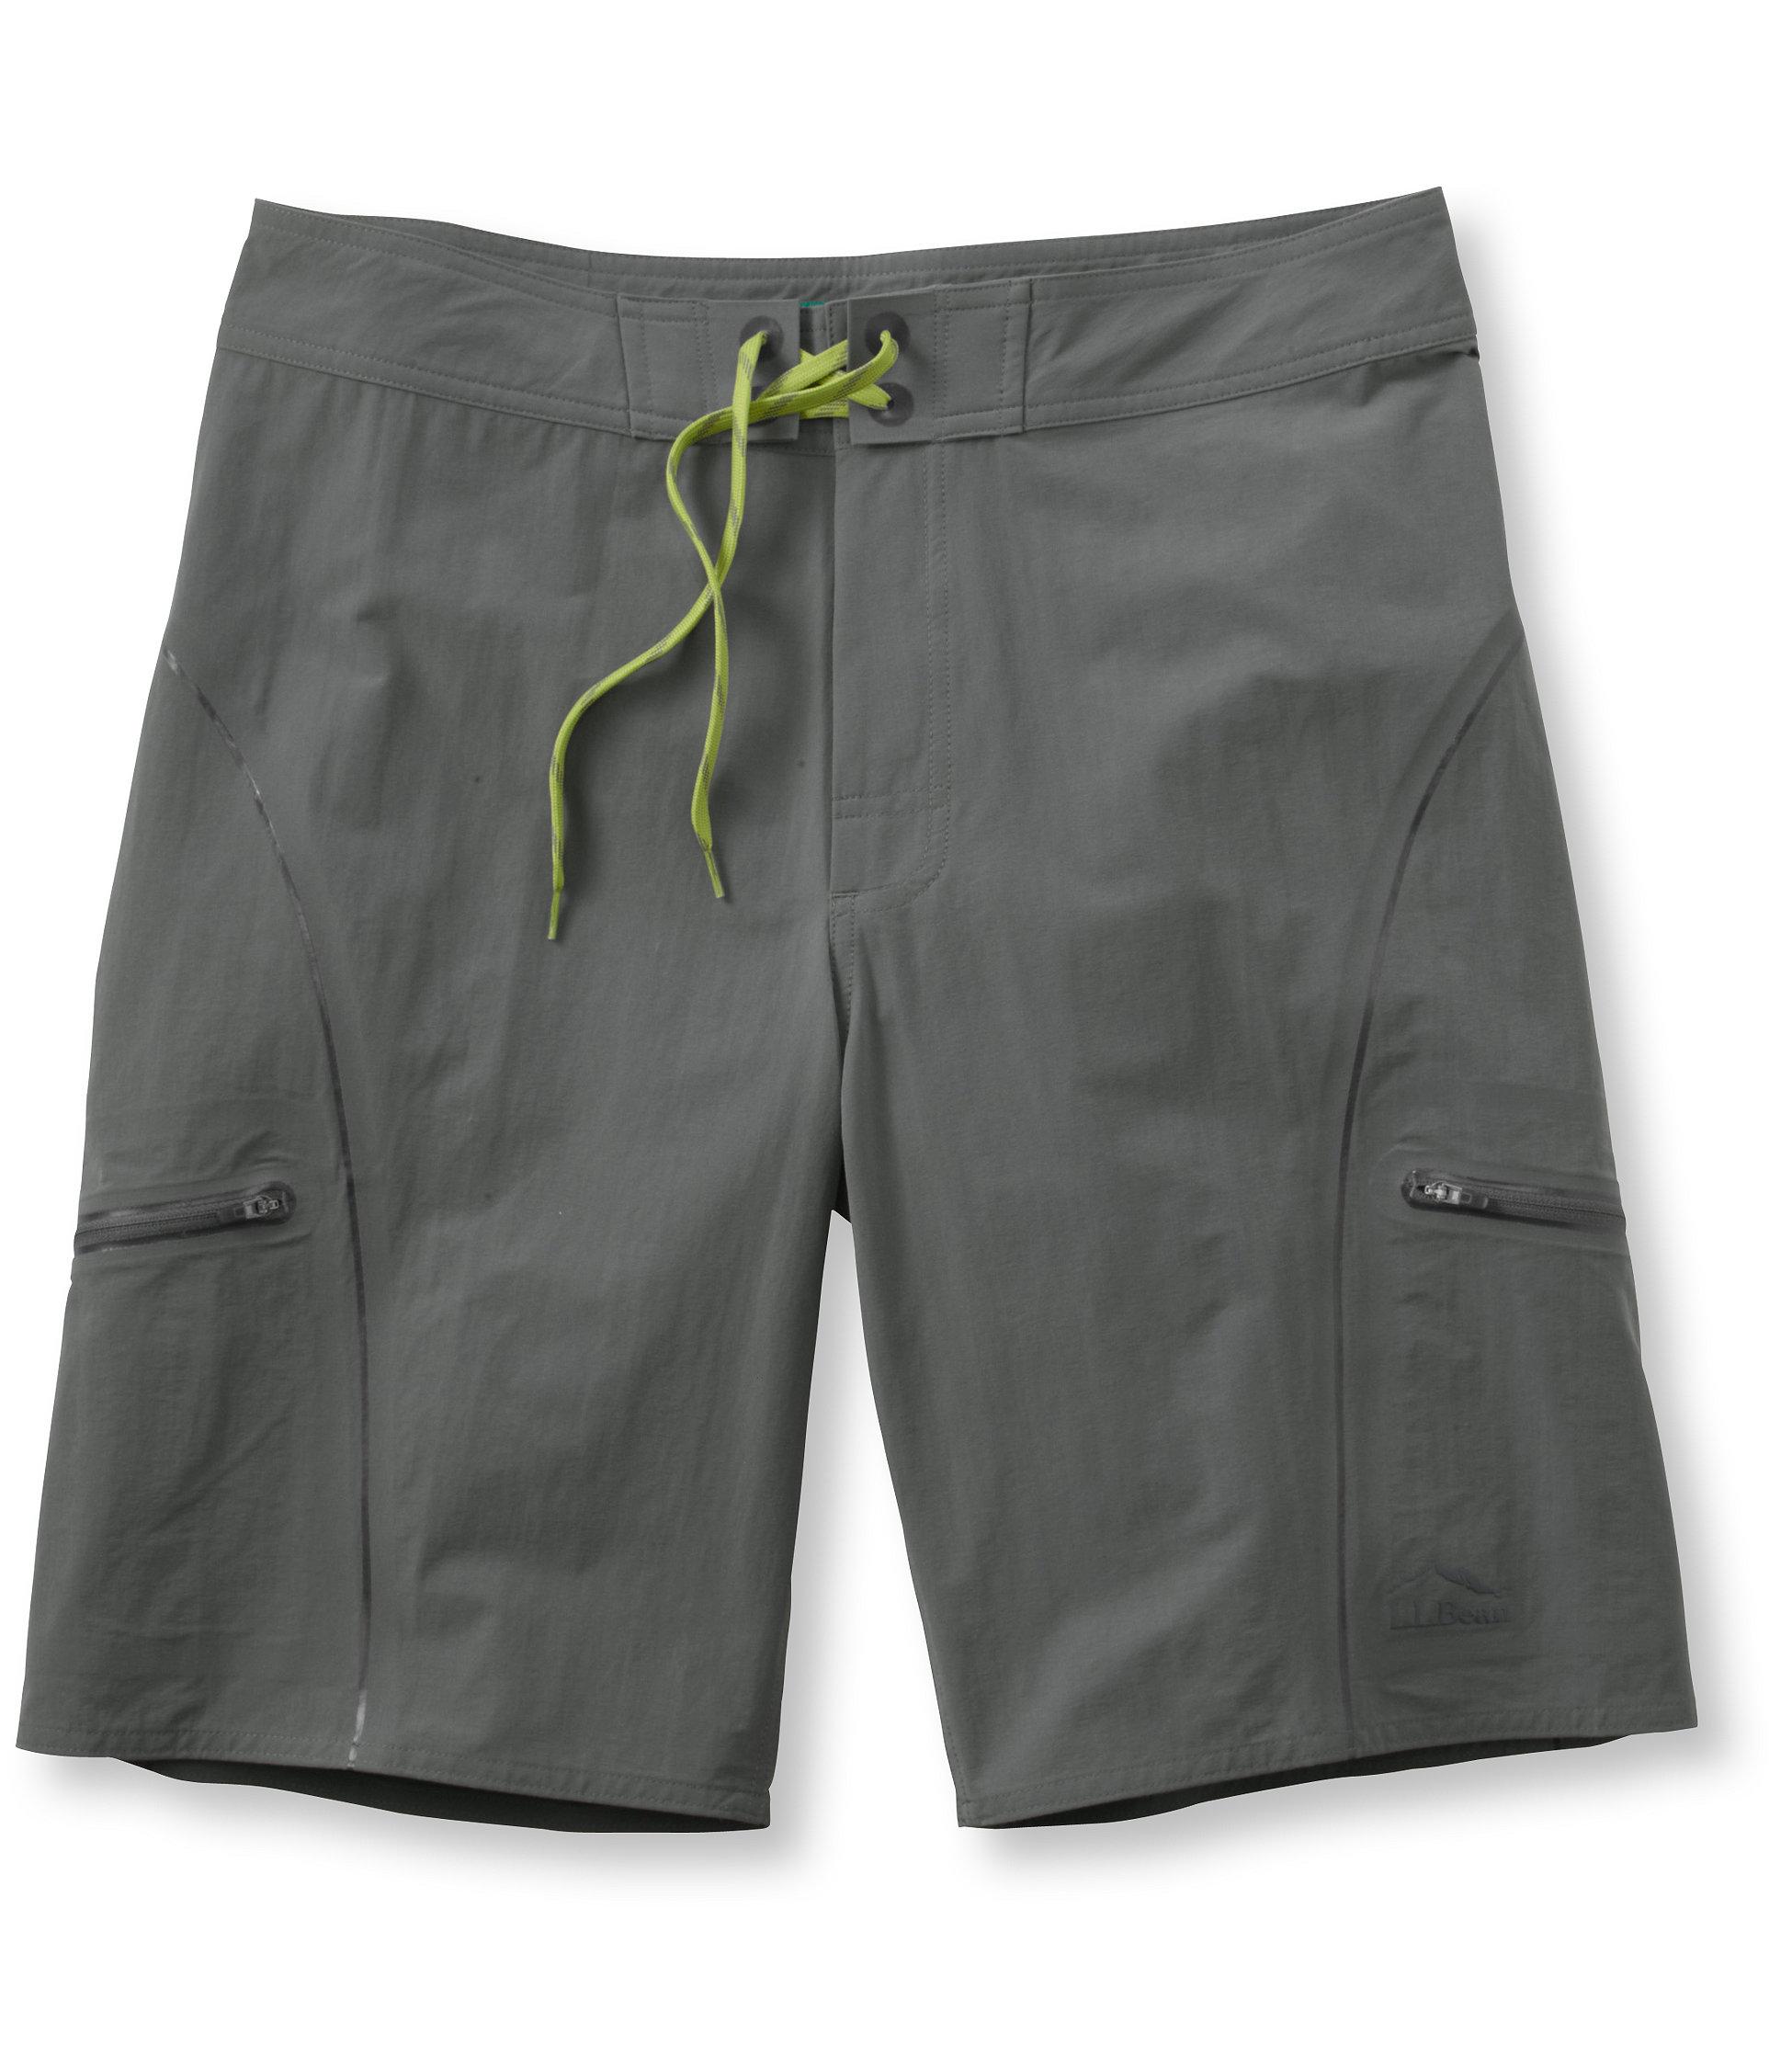 L.L.Bean Sea Sport Board Shorts